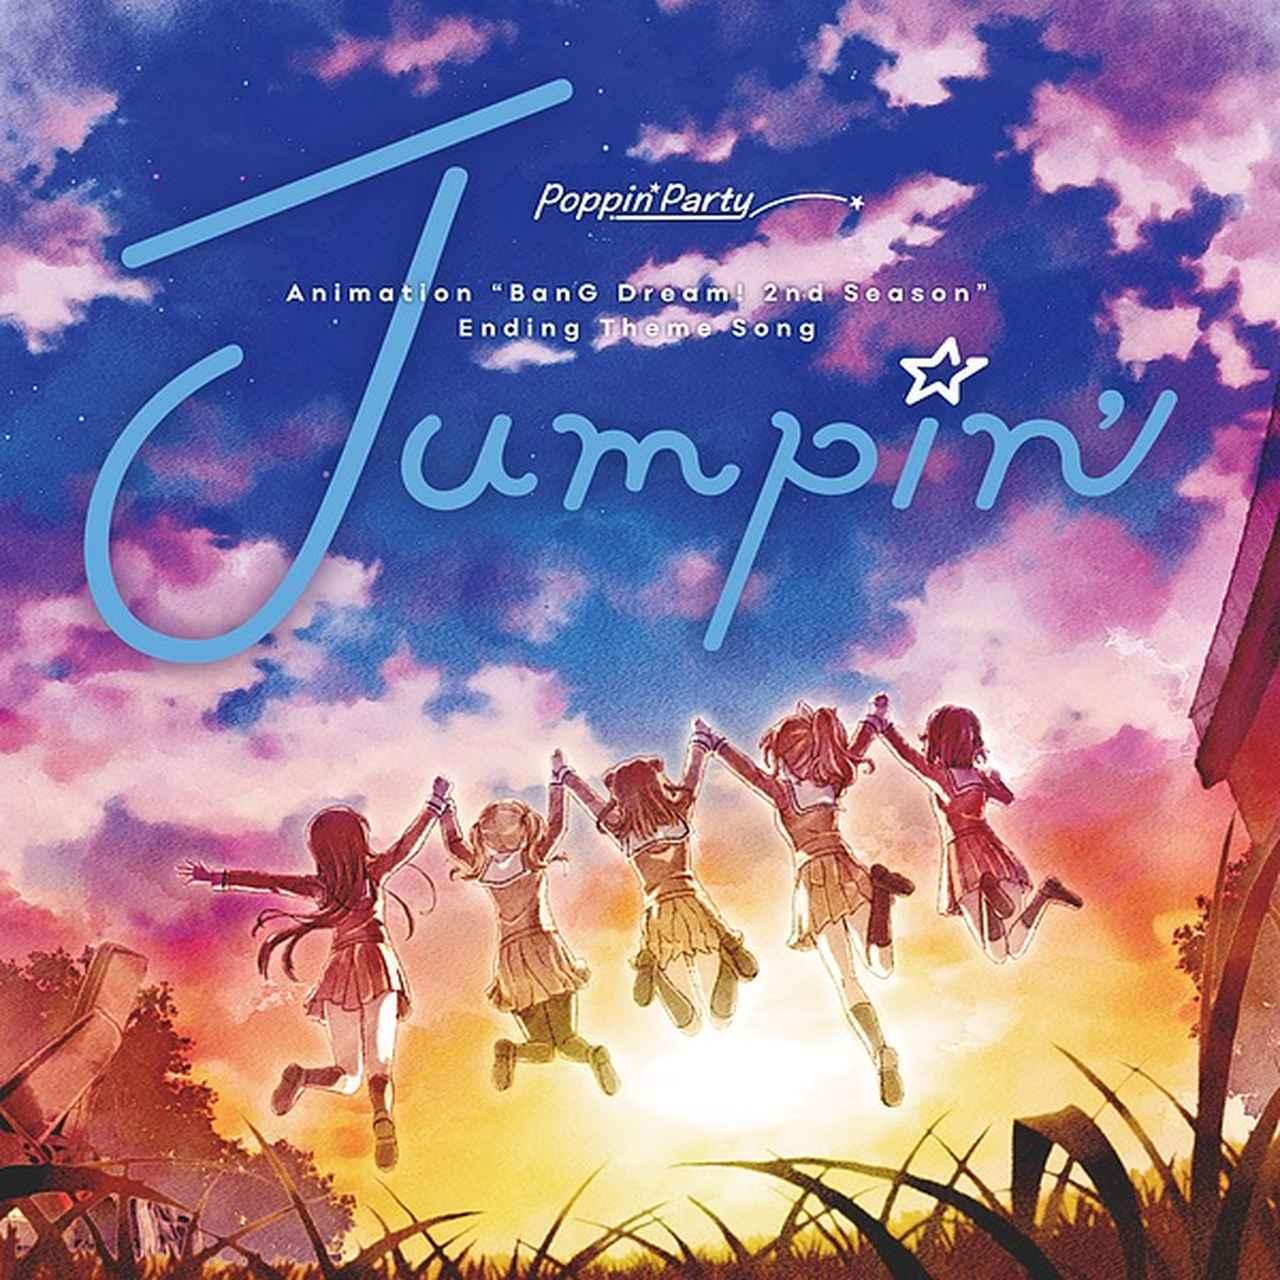 画像: Jumpin'/Poppin'Party